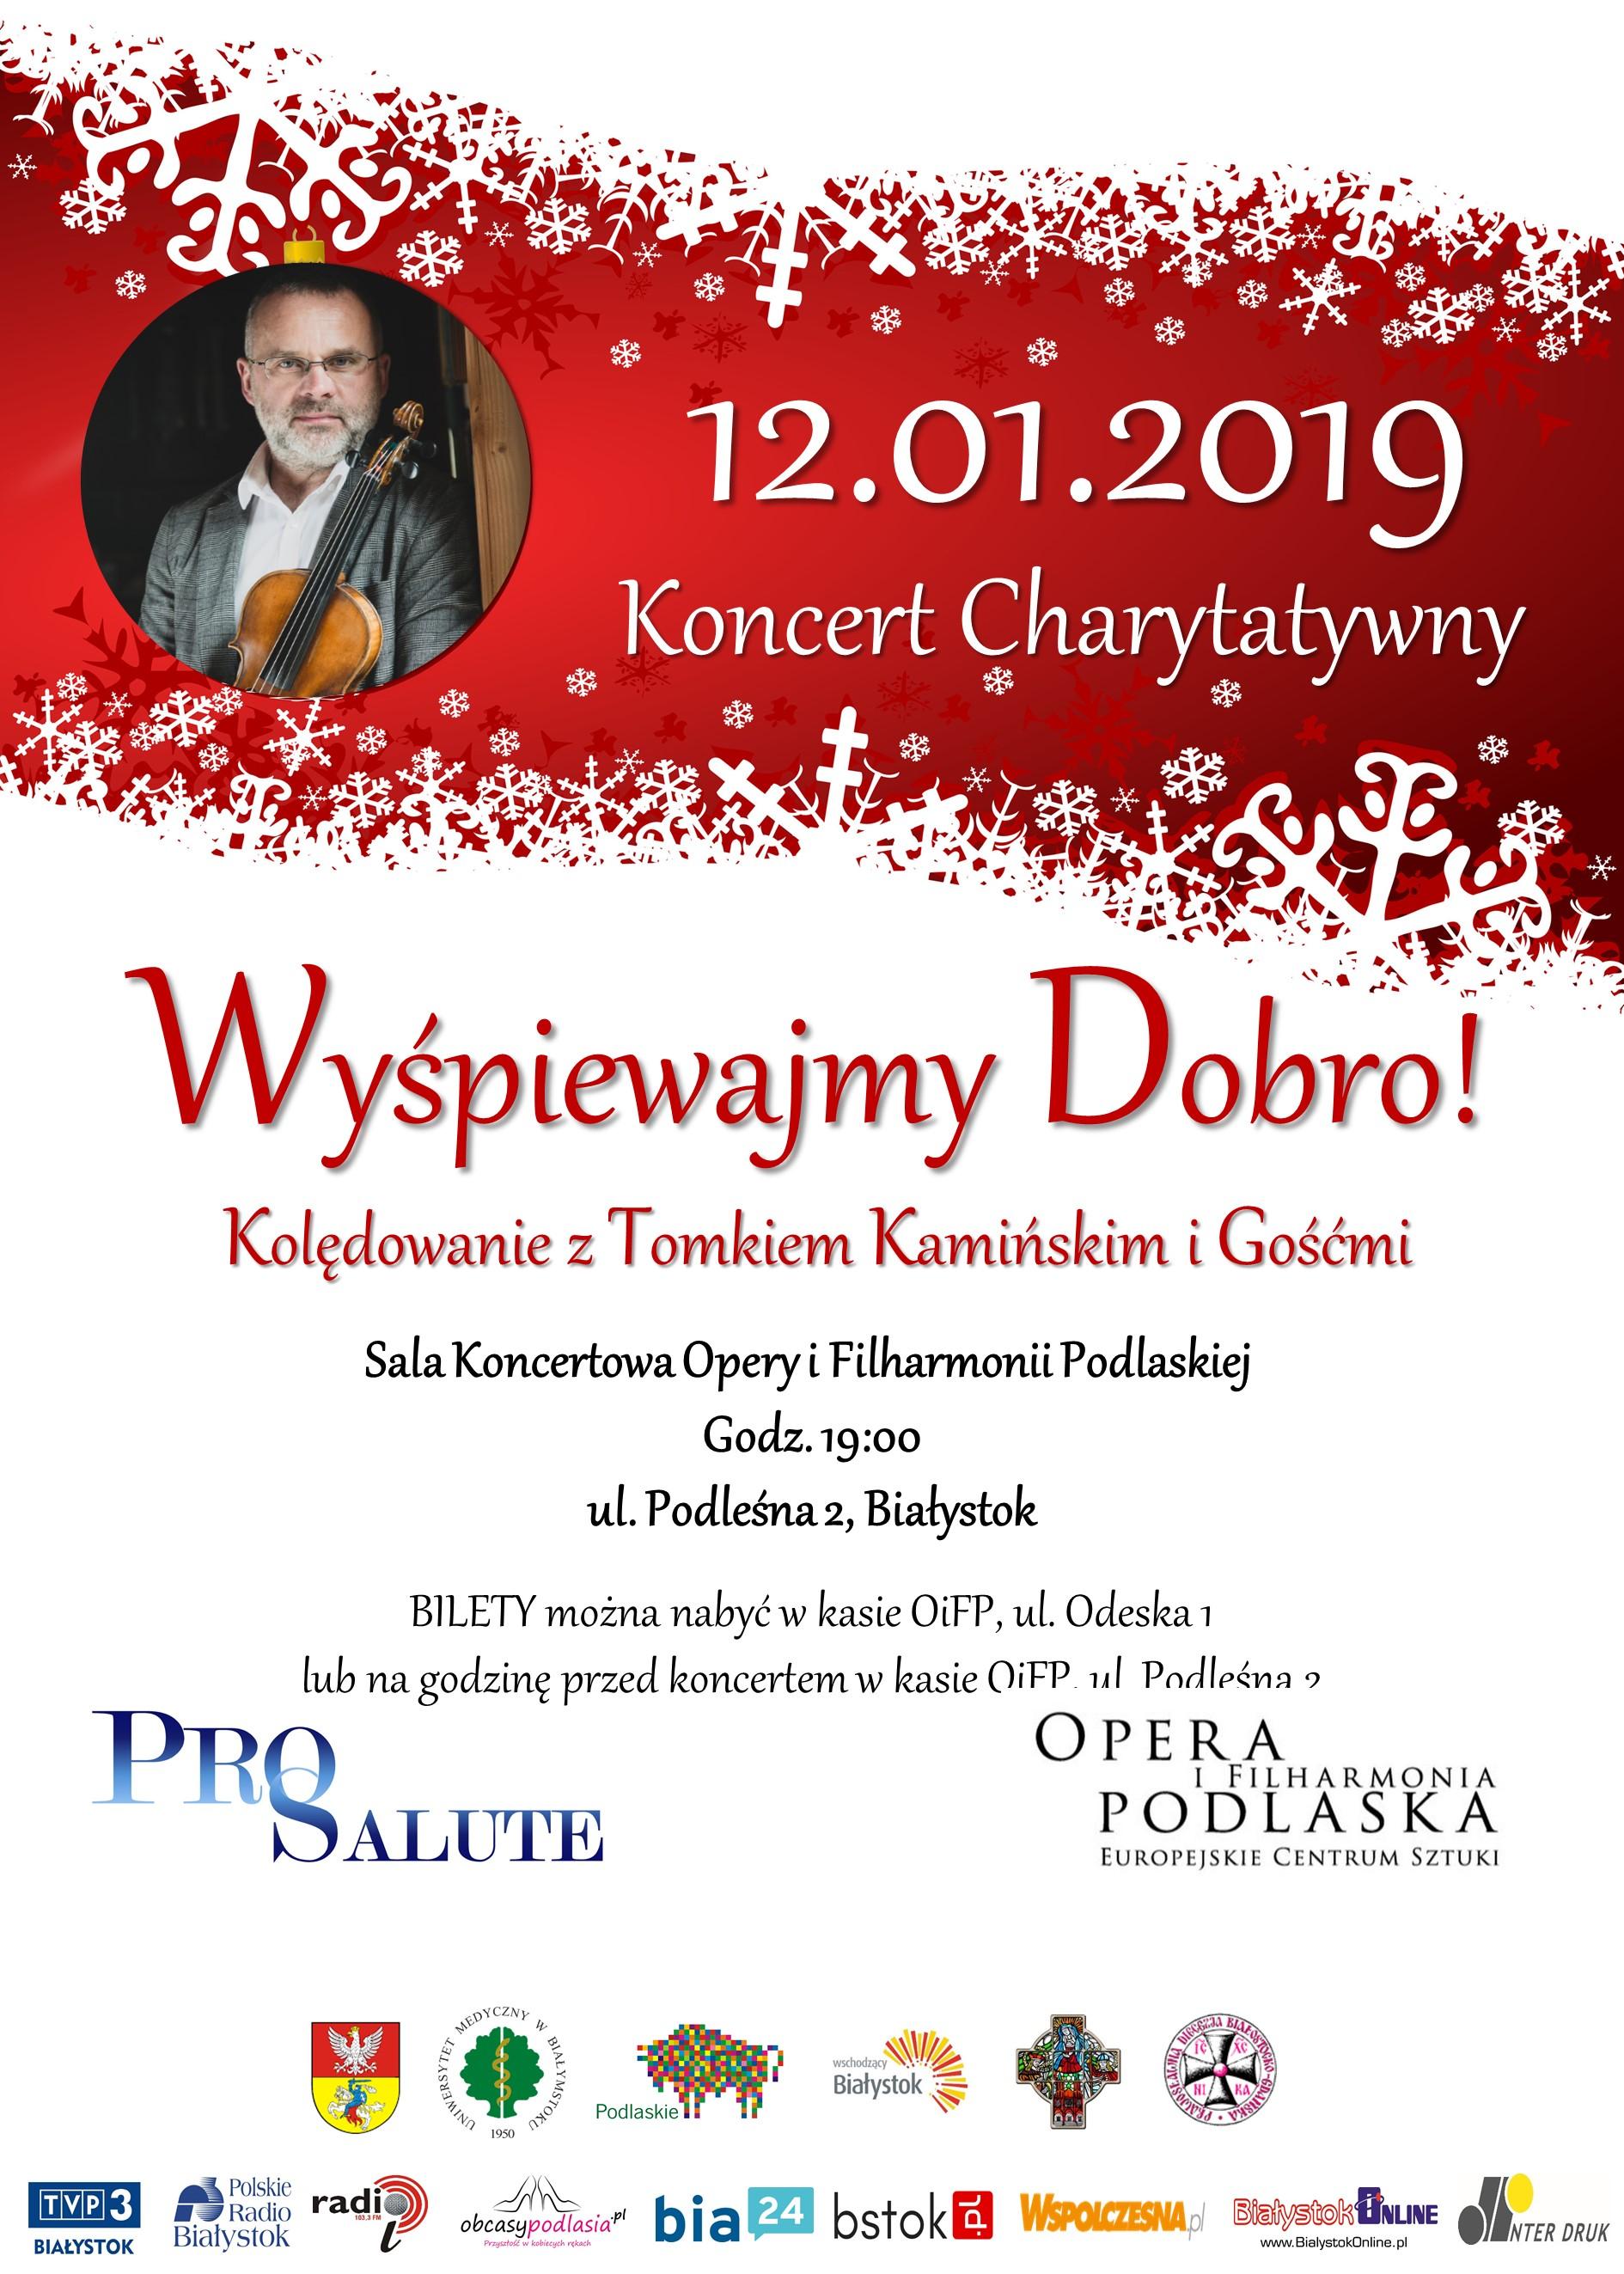 Koncert Charytatywny -12.01.2019 Sala Koncertowa Opery i Filharmonii Podlaskiej ul. Podleśna 2 w Białymstoku